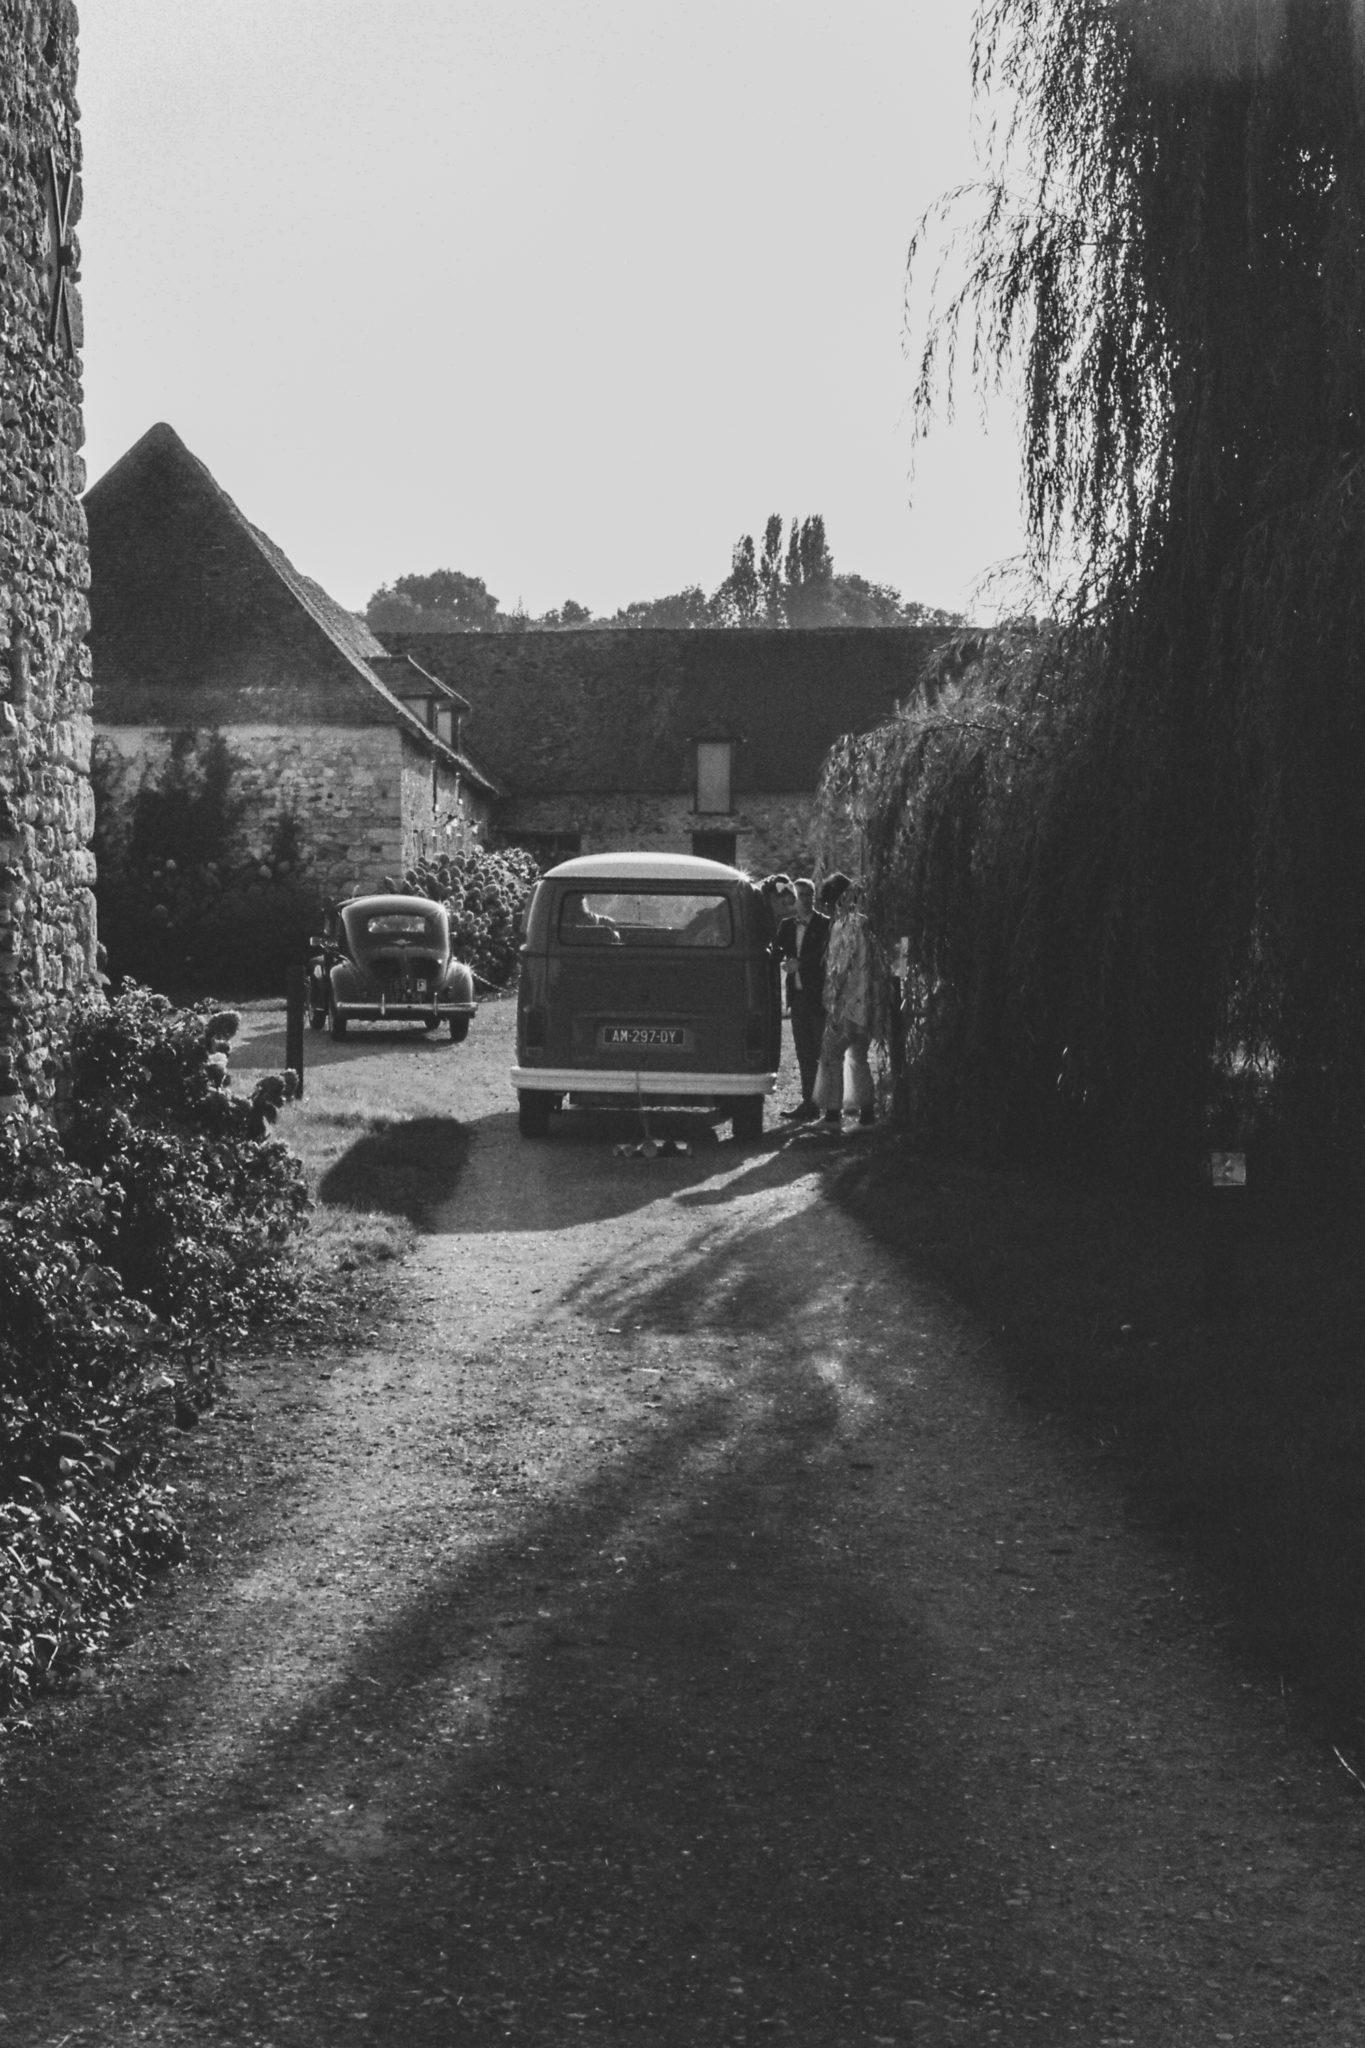 Sortie marié Cérémonie laïque émotions mariés combi vw volkswagen vintage orange Mariage 50s Domaine Mauvoisin Lommoye